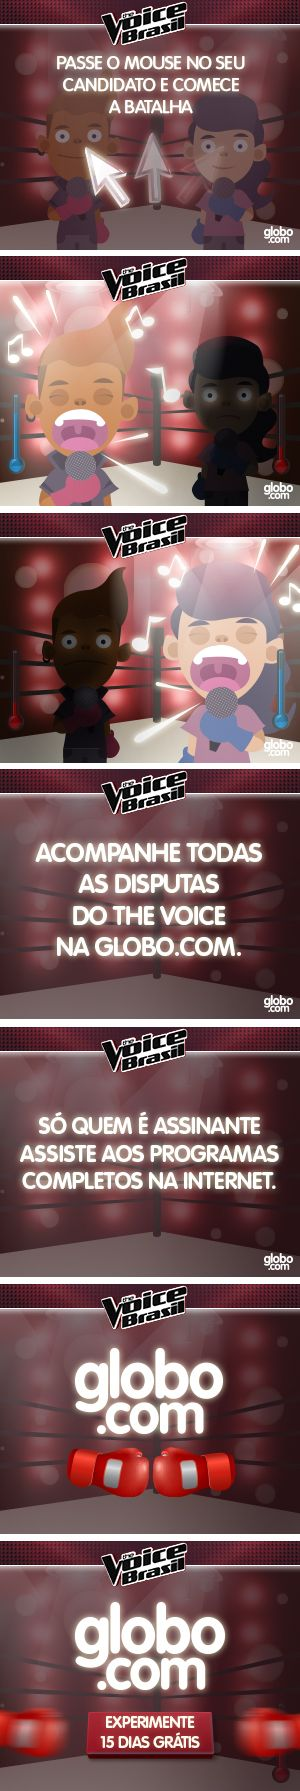 Banner animado criado para divulgar a degustação que a Globo.com estava fazendo para prospectar novos assinantes para o programa The Voice Brasil. O usuário teria 15 dias grátis para assistir aos programas online.